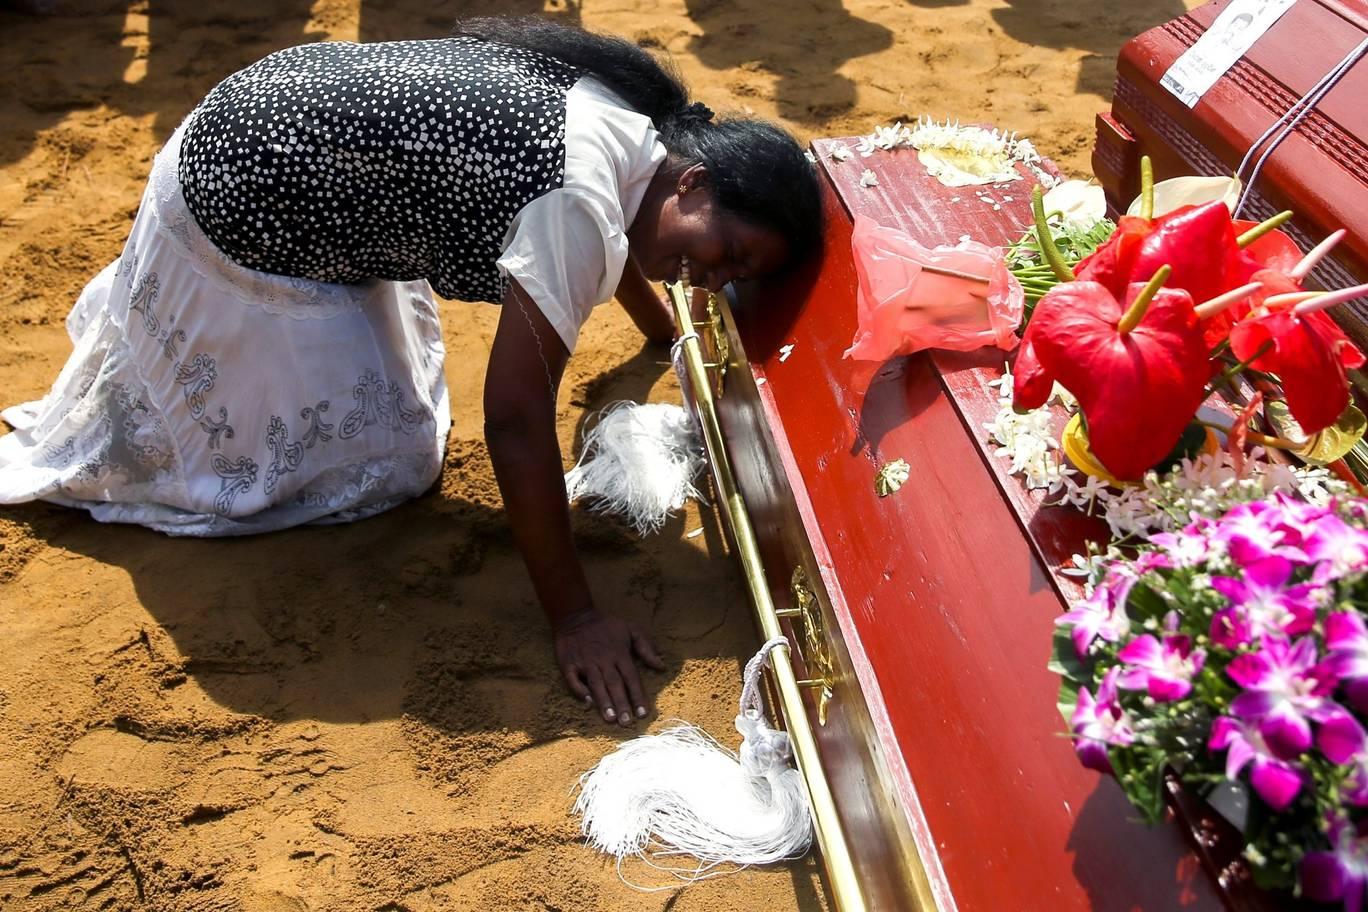 حملوں میں مرنے والے ایک شخص کی رشتے دار خاتون غم سے نڈھال ہیں۔ تصویر: روئٹرز